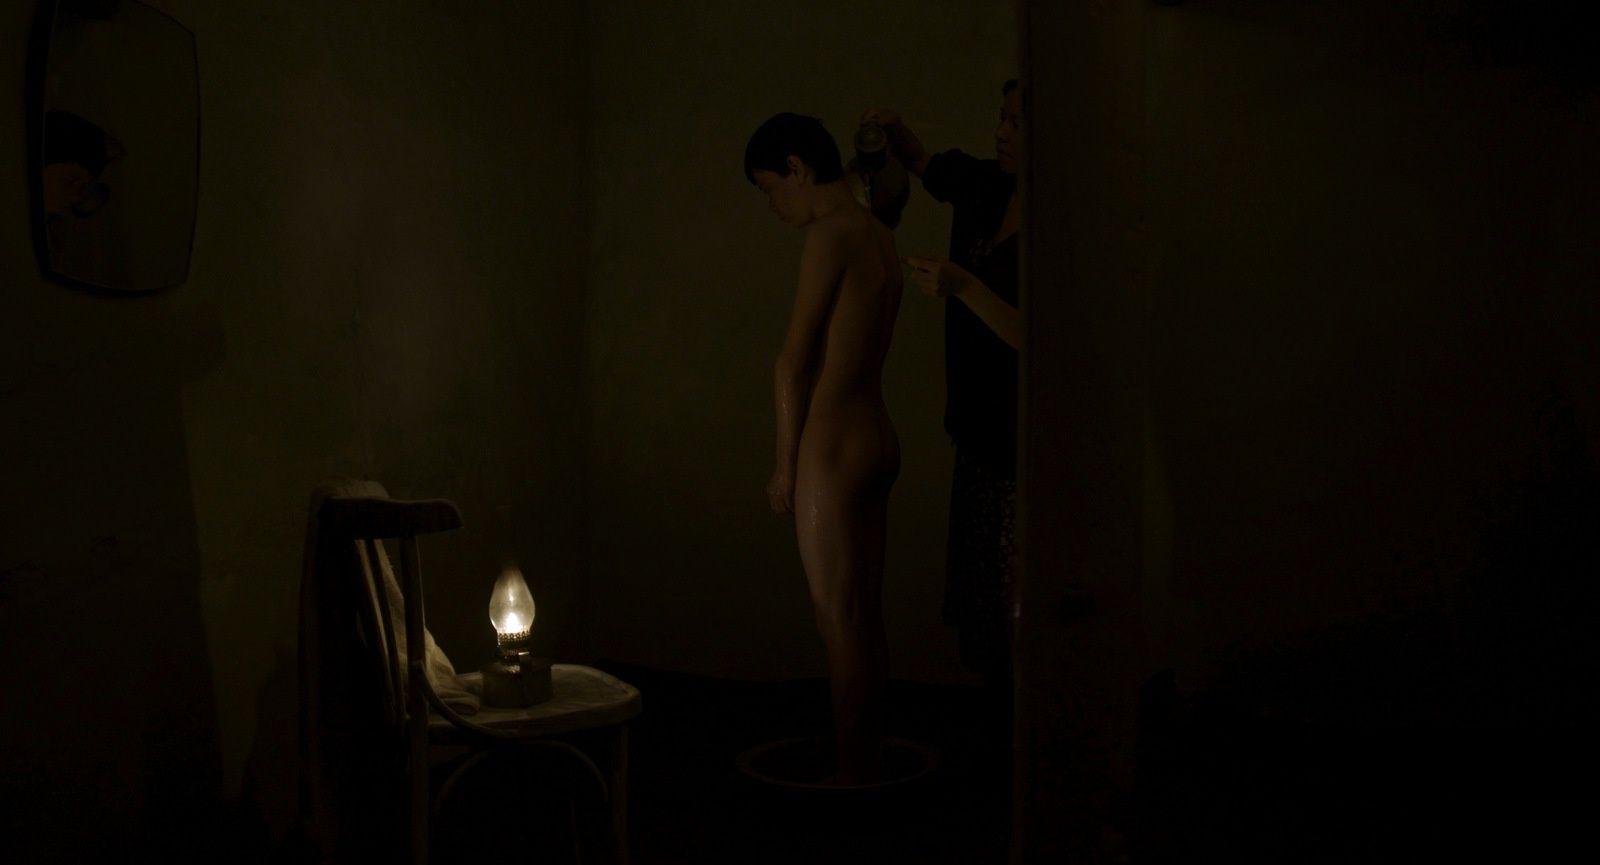 L'Ange blessé (BANDE ANNONCE VOST) de Emir Baigazin - Le 11 mai 2016 au cinéma (Ranenyy Angel)